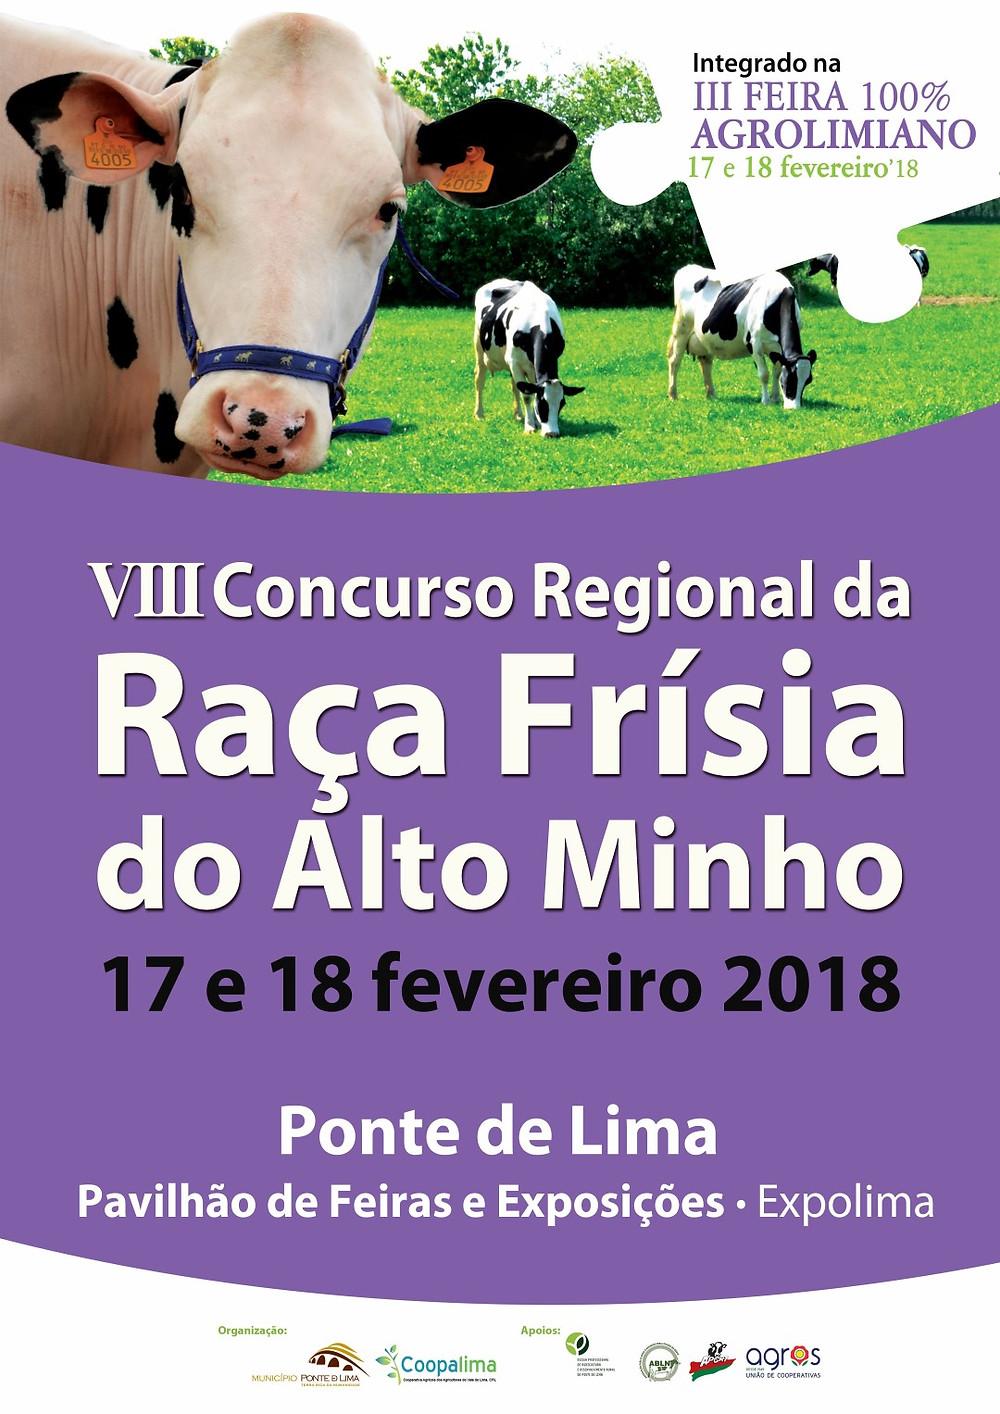 """8º Concurso Regional da Raça Holstein Frísia do Alto Minho na """"III Feira 100% Agrolimiano"""""""